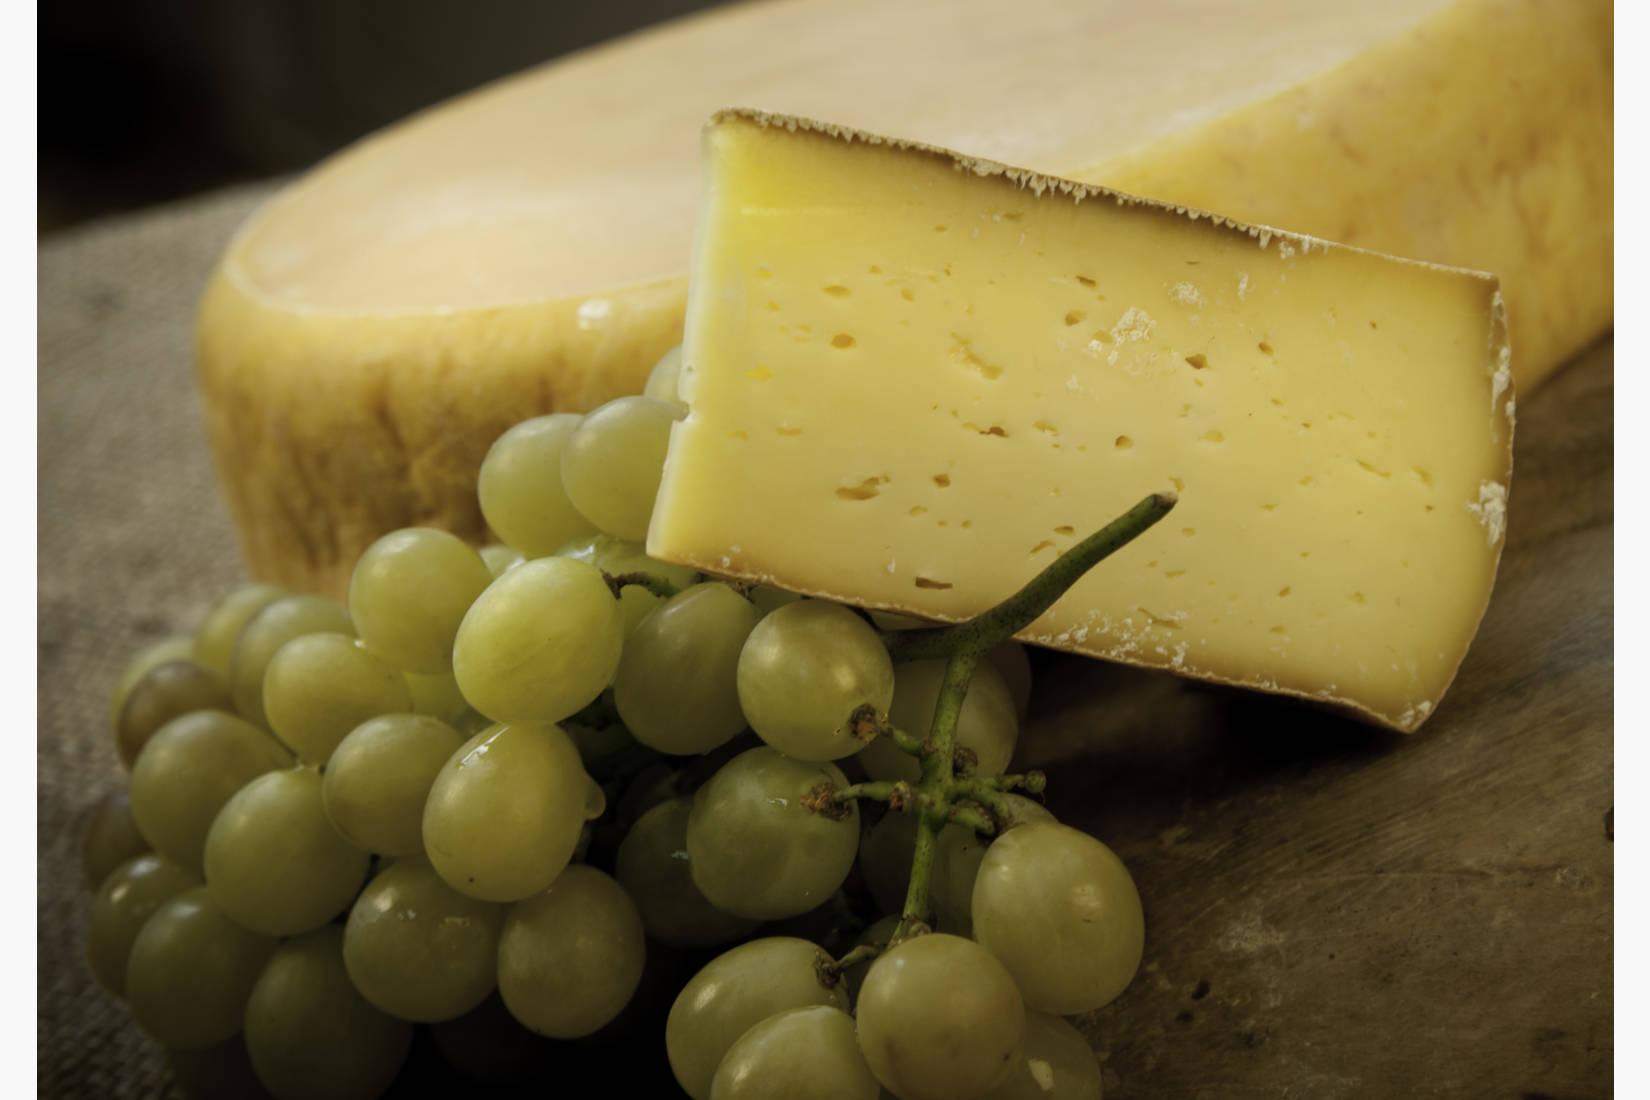 Orkladal tilsiter. Halvfast kittmodnet ost. Når denne osten lagres lenger enn 6mnd kalles den Høvding Sverre. Serveres gjerne med noe søtt til - som honning, marmelade eller syltetøy. Nydelig sammen med nøtter og tørka frukt.